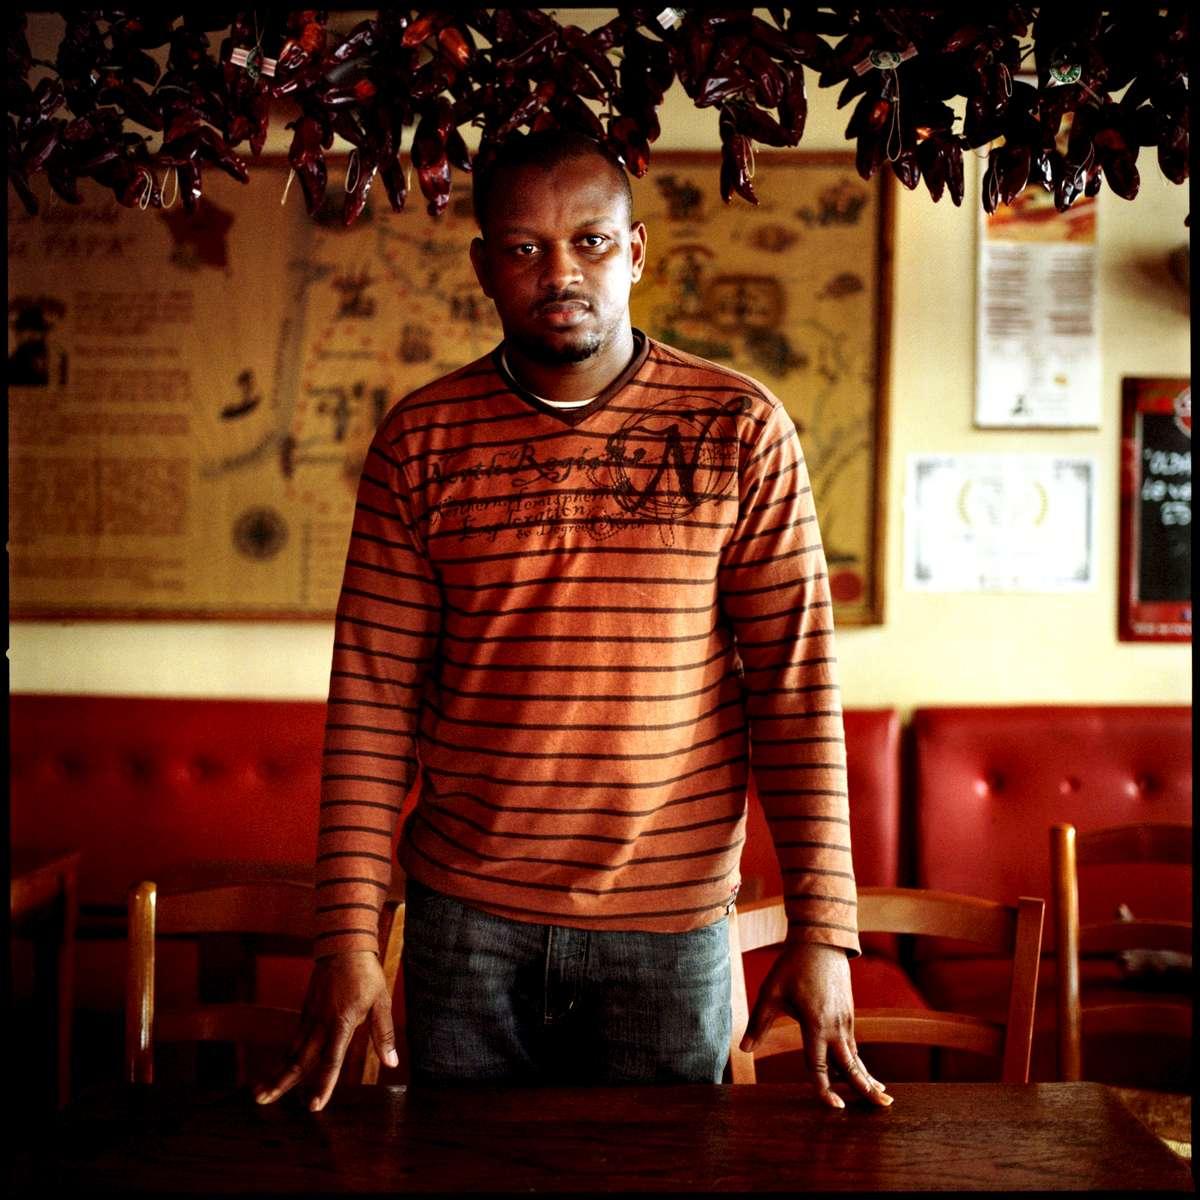 Issaga, employé sans papiers du restaurant CHEZ PAPA, est en grève et en attente de régularisation. A la date du 30 mai 2008, 23 des 39 travailleurs sans papiers de cette enseigne avaient déjà été régularisés. Ils occupent le restaurant CHEZ PAPA situé rue Lafayette à Paris depuis le 15 avril 2008.